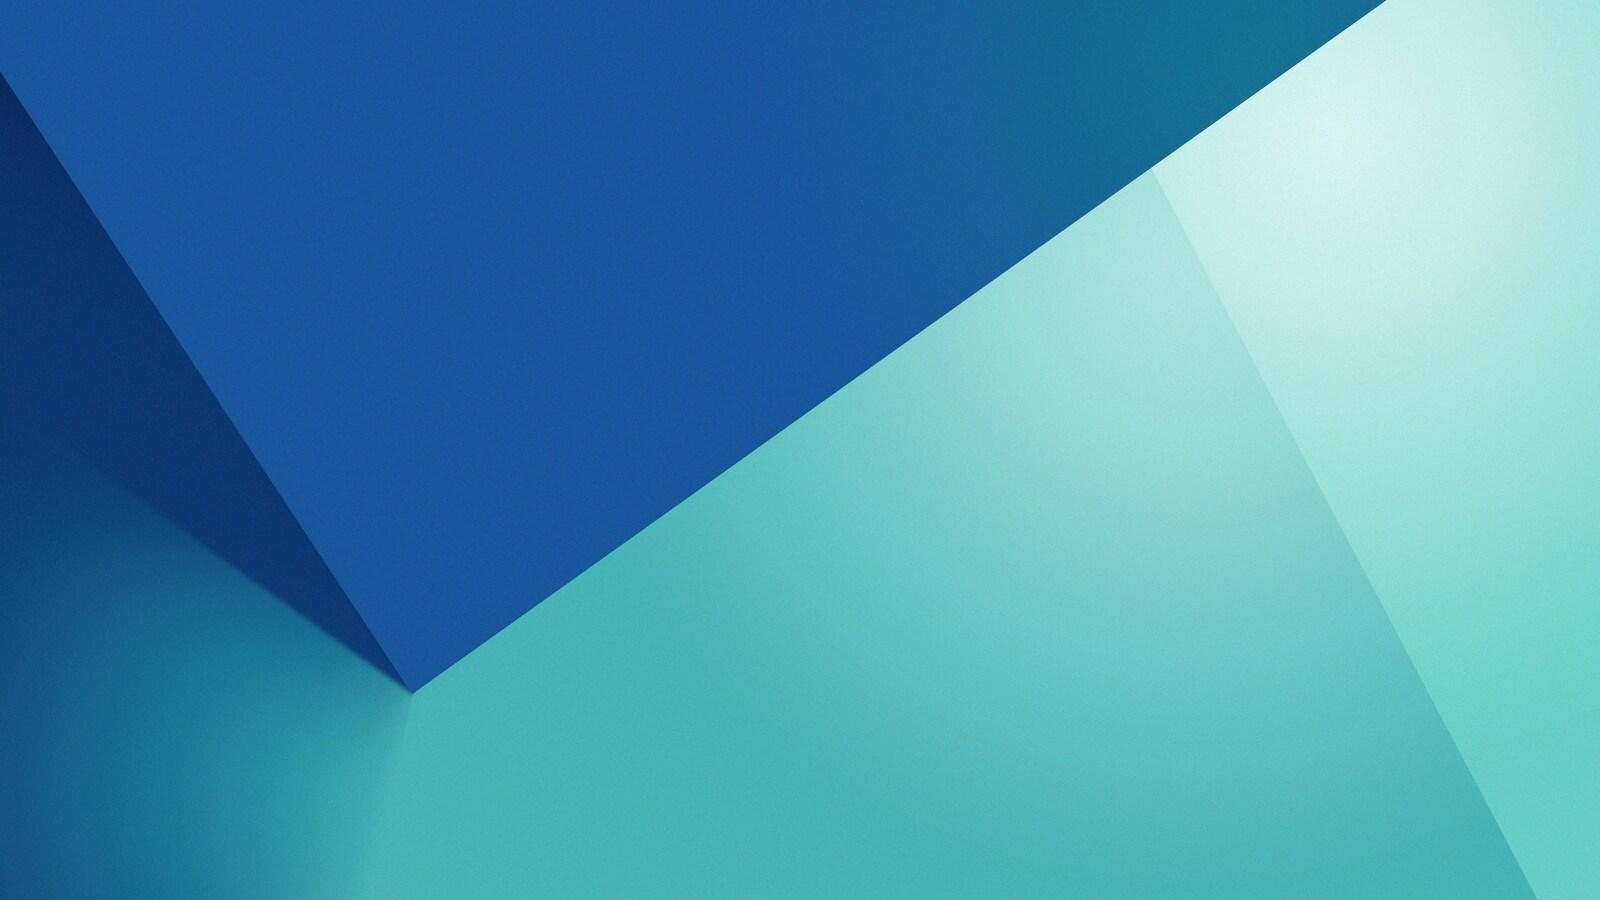 material-design-stock-4k-y7.jpg